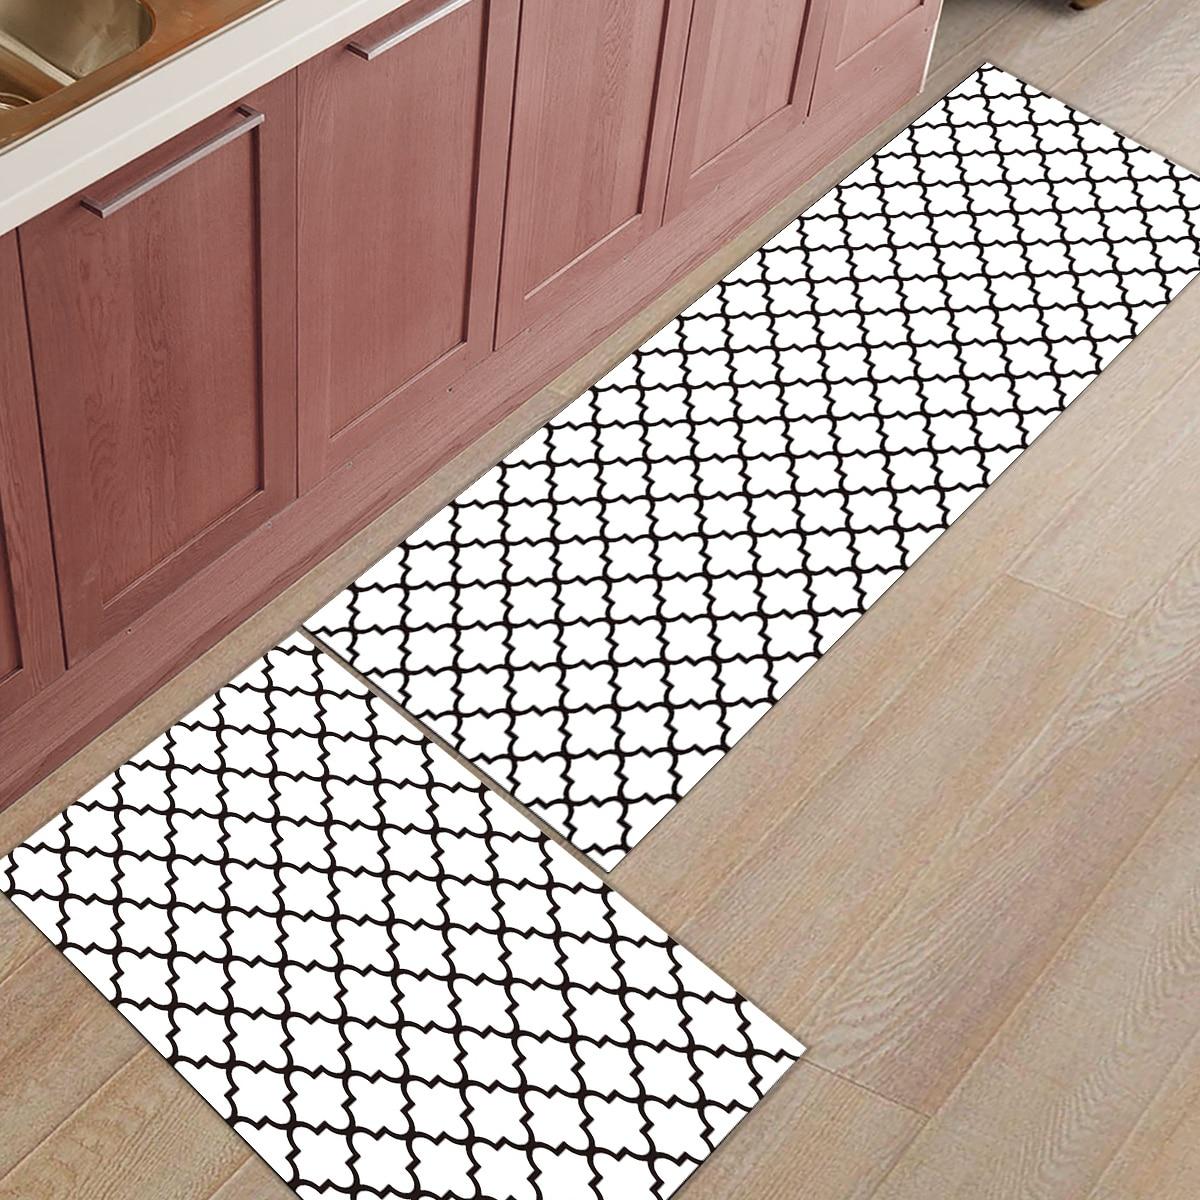 Classique blanc et noir géométrique Check moderne prismatique 2 pièce cuisine tapis salle de bains accessoires Set saleté débris boue trappeur